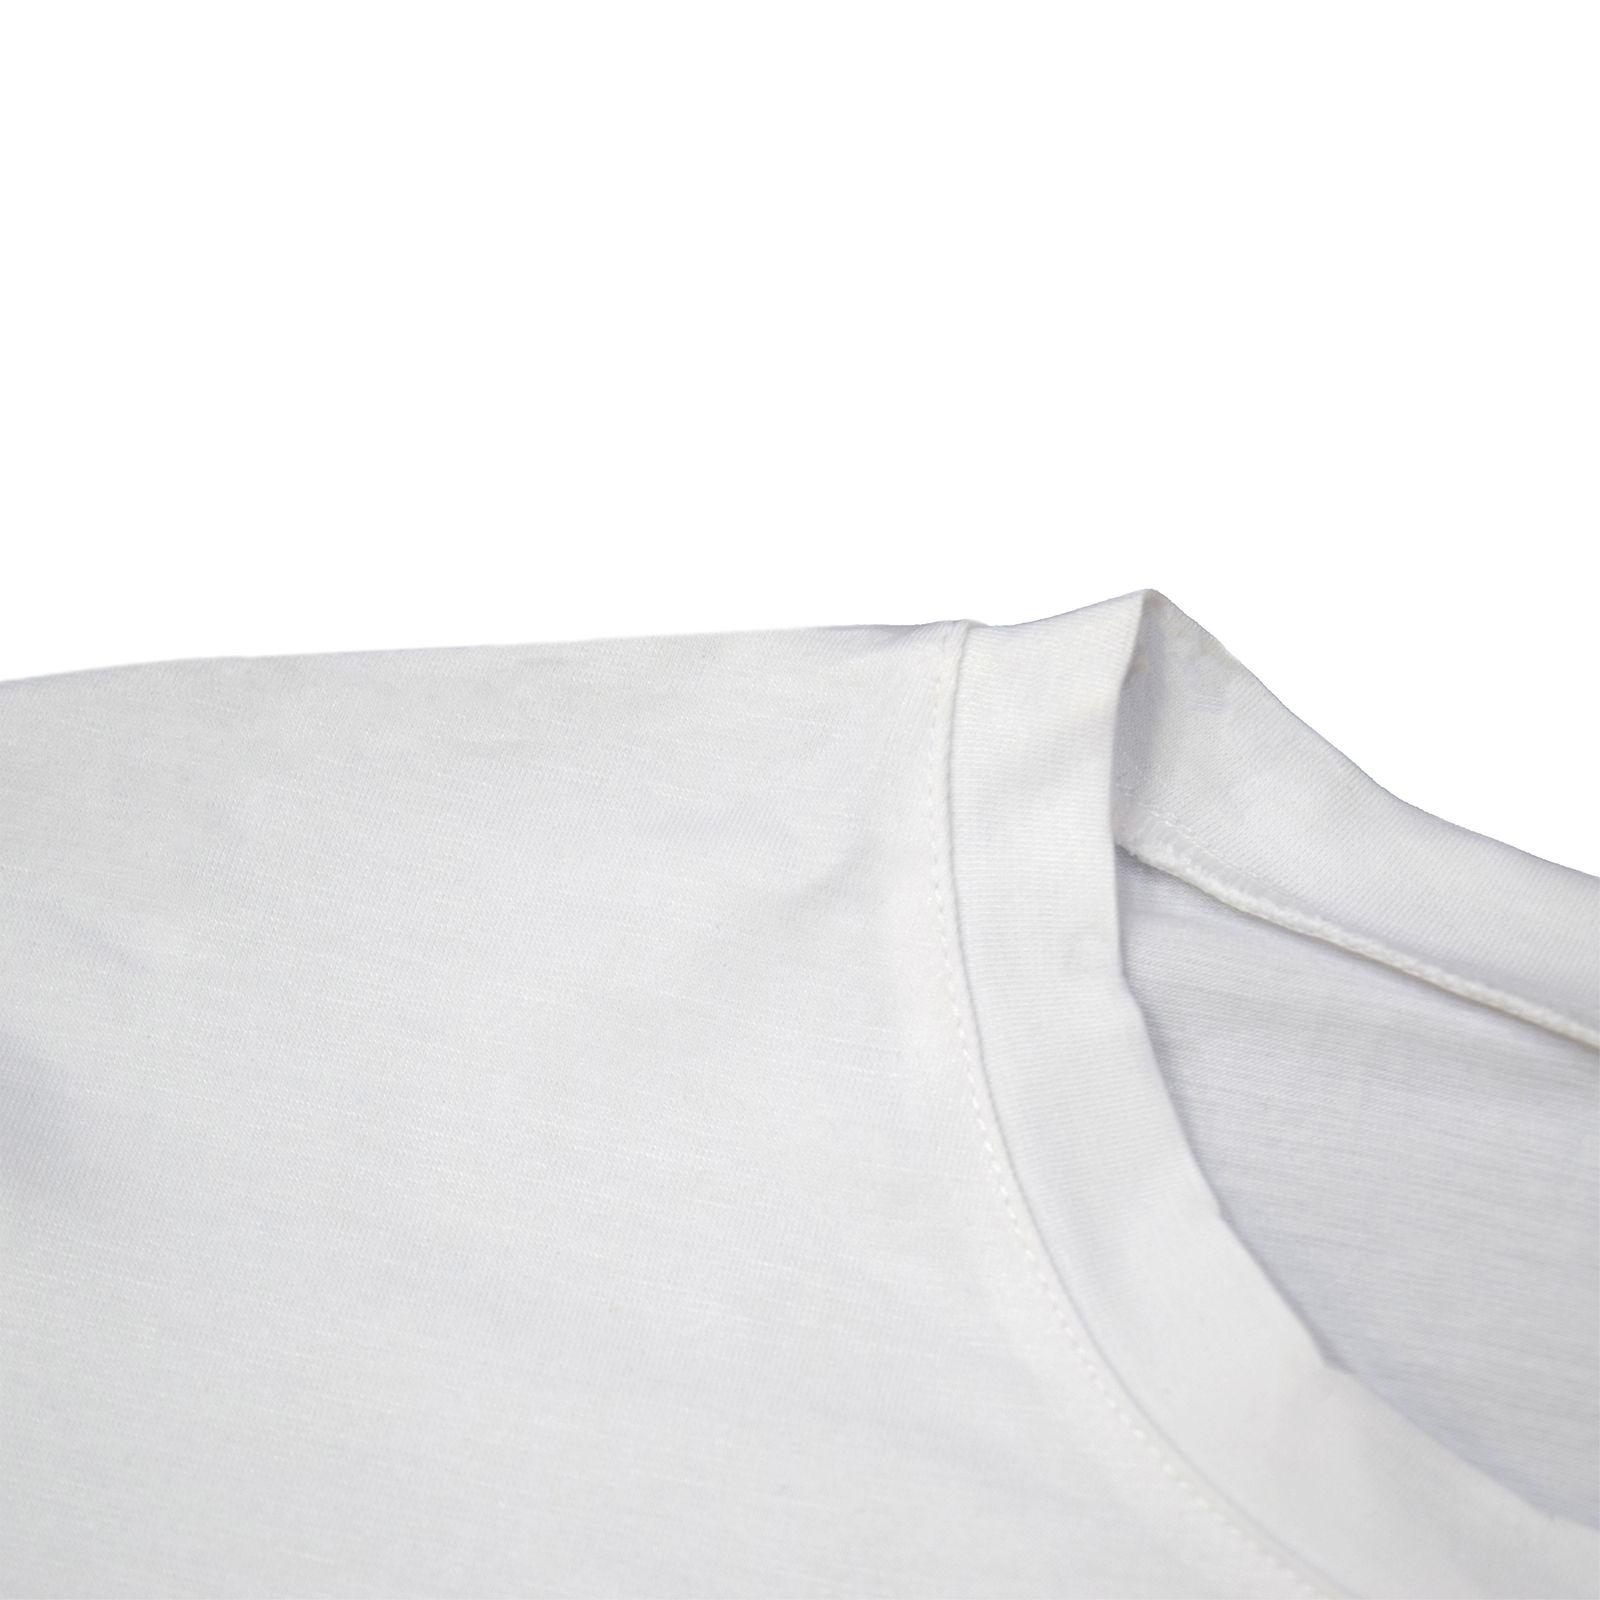 تی شرت آستین کوتاه زنانه طرح فضانورد کد Z336 -  - 4